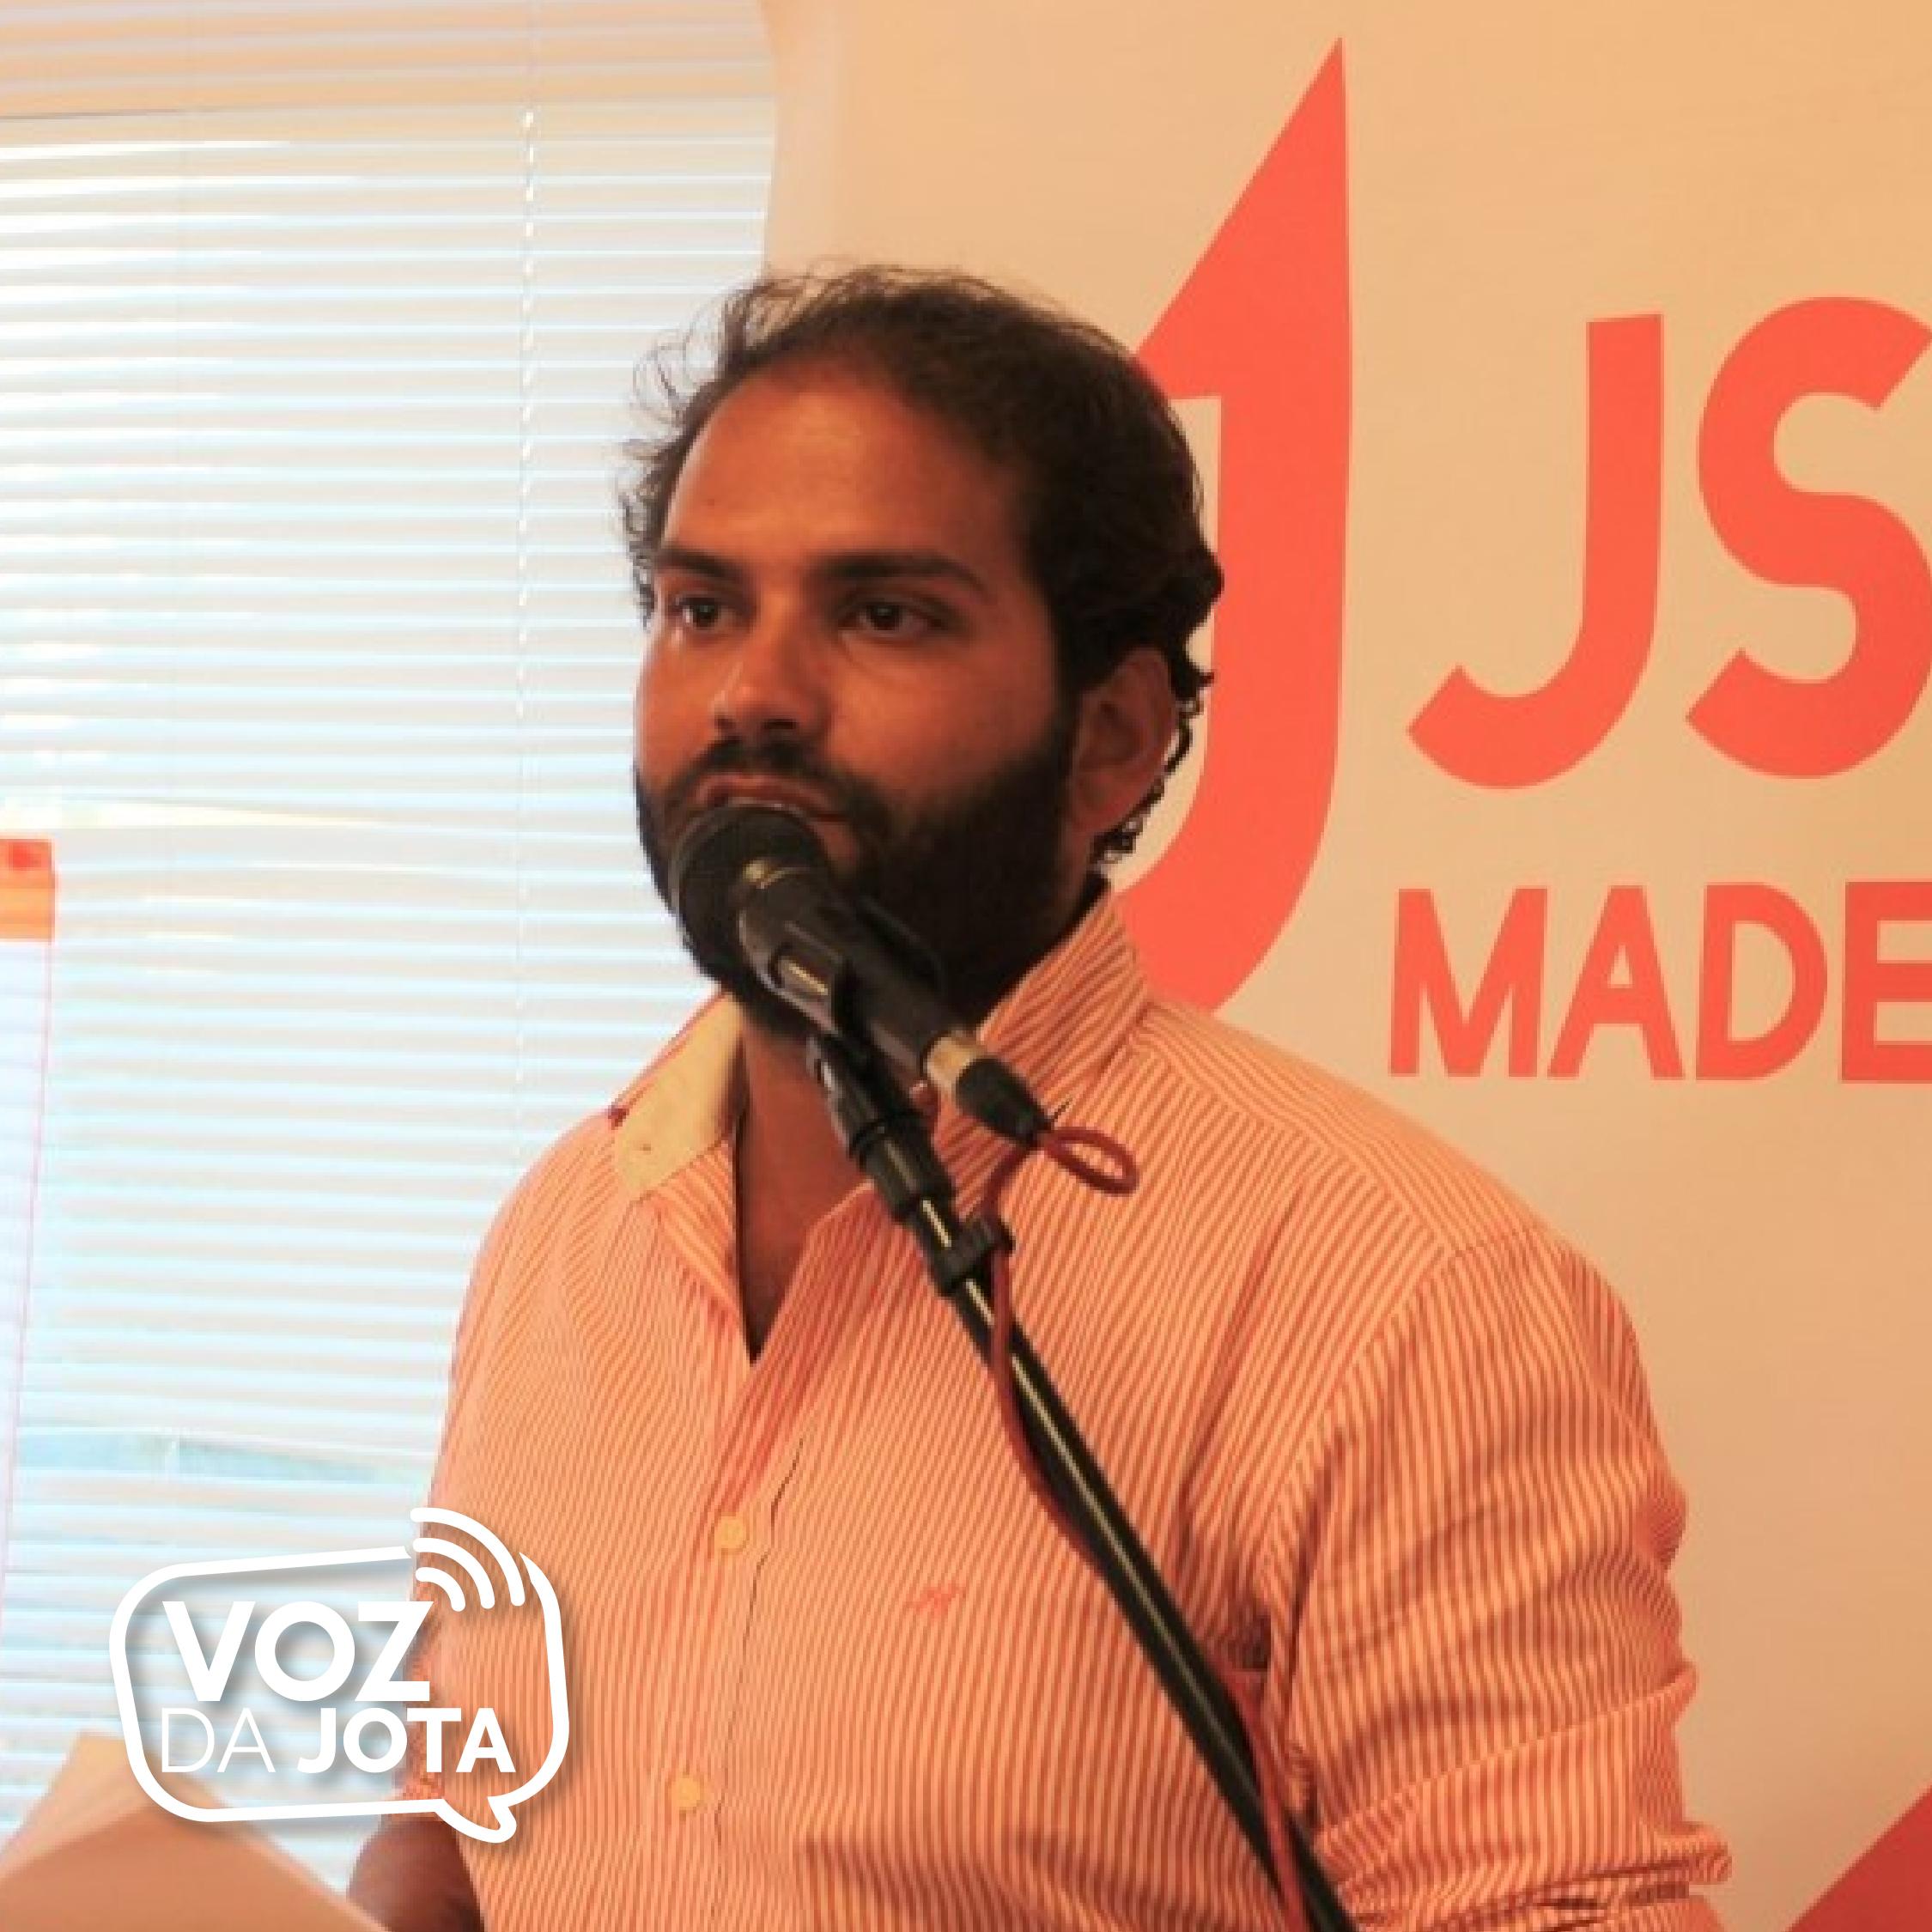 joao_jardim_vozdajota_site